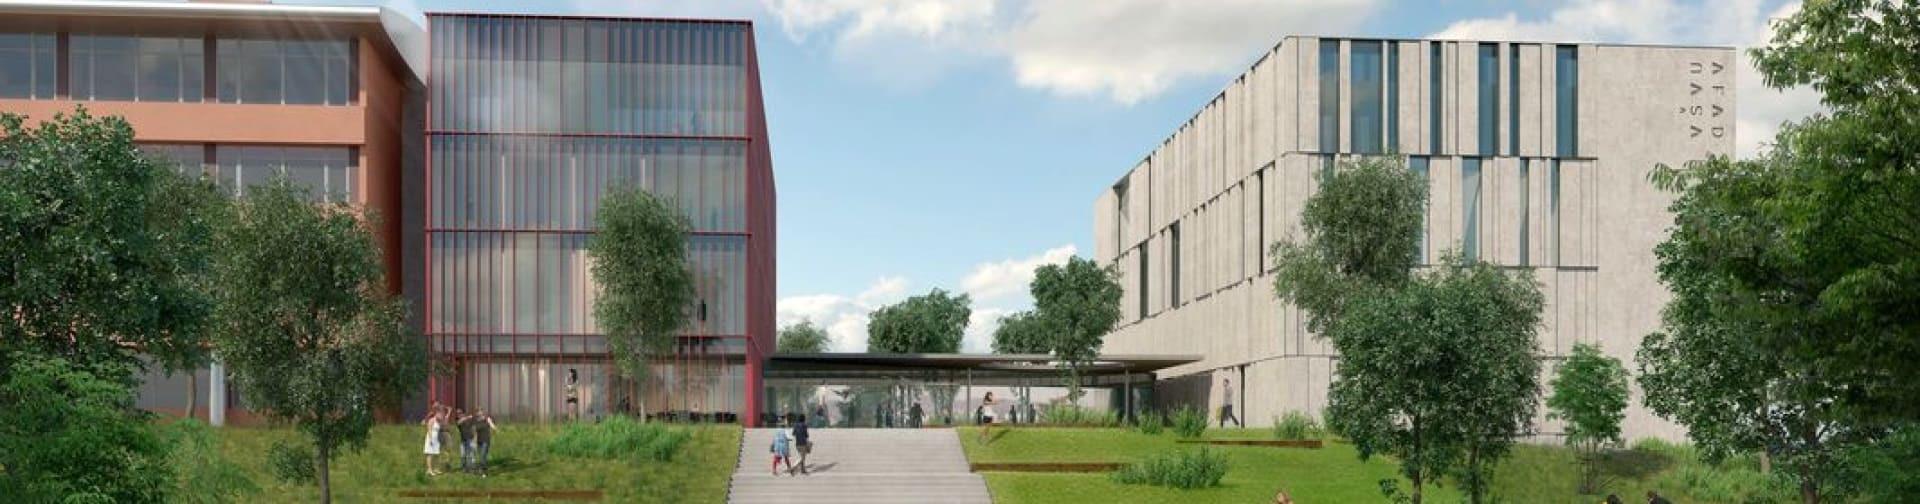 Академия изобразительных искусств Братислава (VSVU)